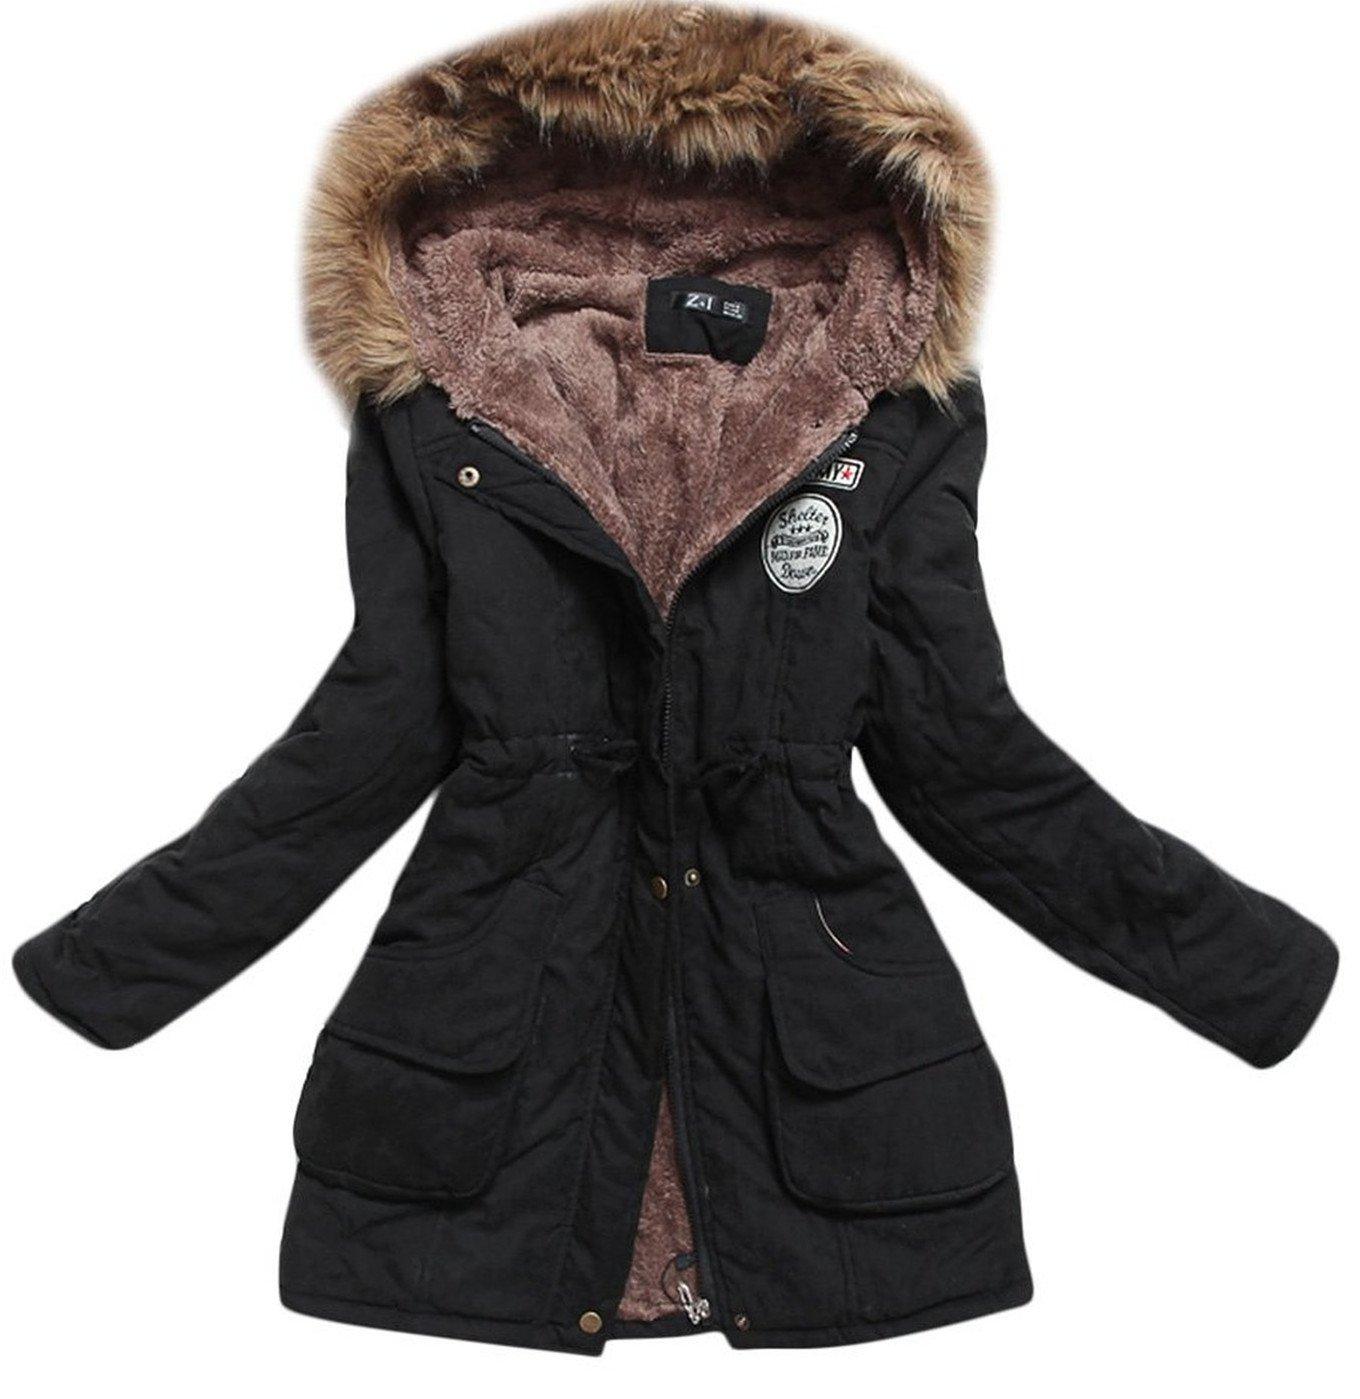 Aro Lora Women's Winter Warm Faux Fur Hooded Cotton-padded Coat Parka Long Jacket US 14 Black